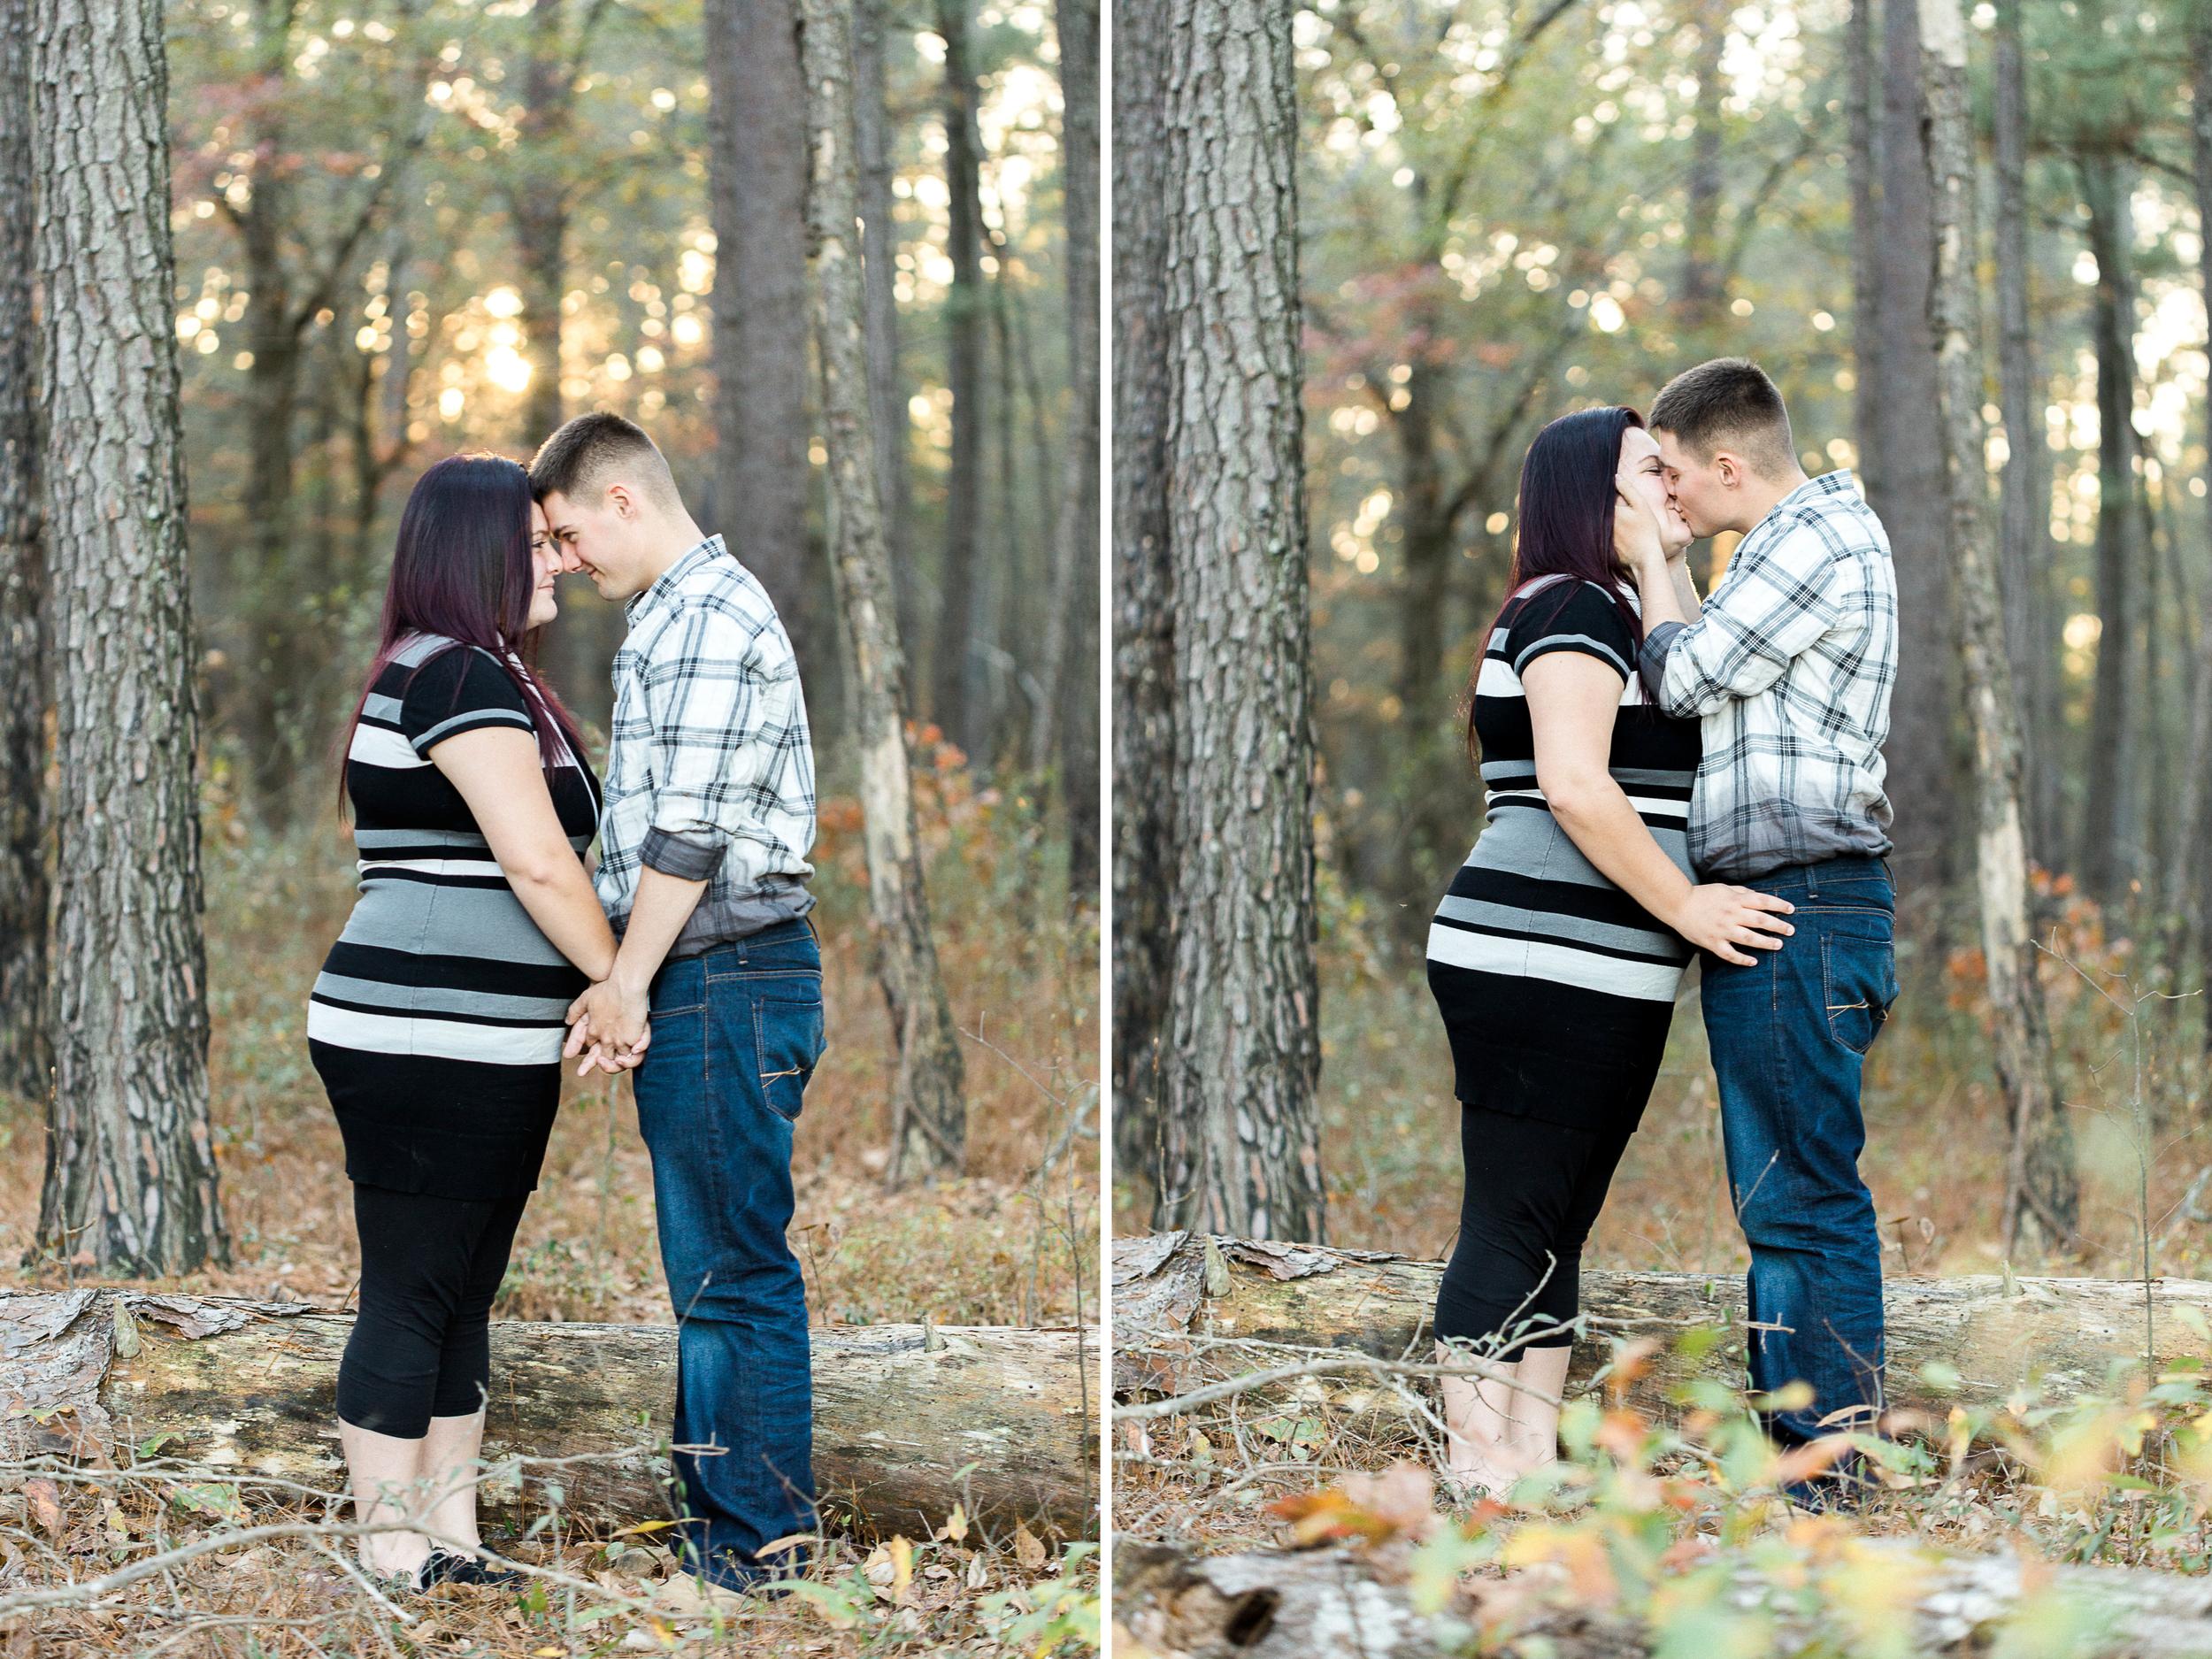 Angela + David at Carvers Creek State Park // www.kristalajara.com